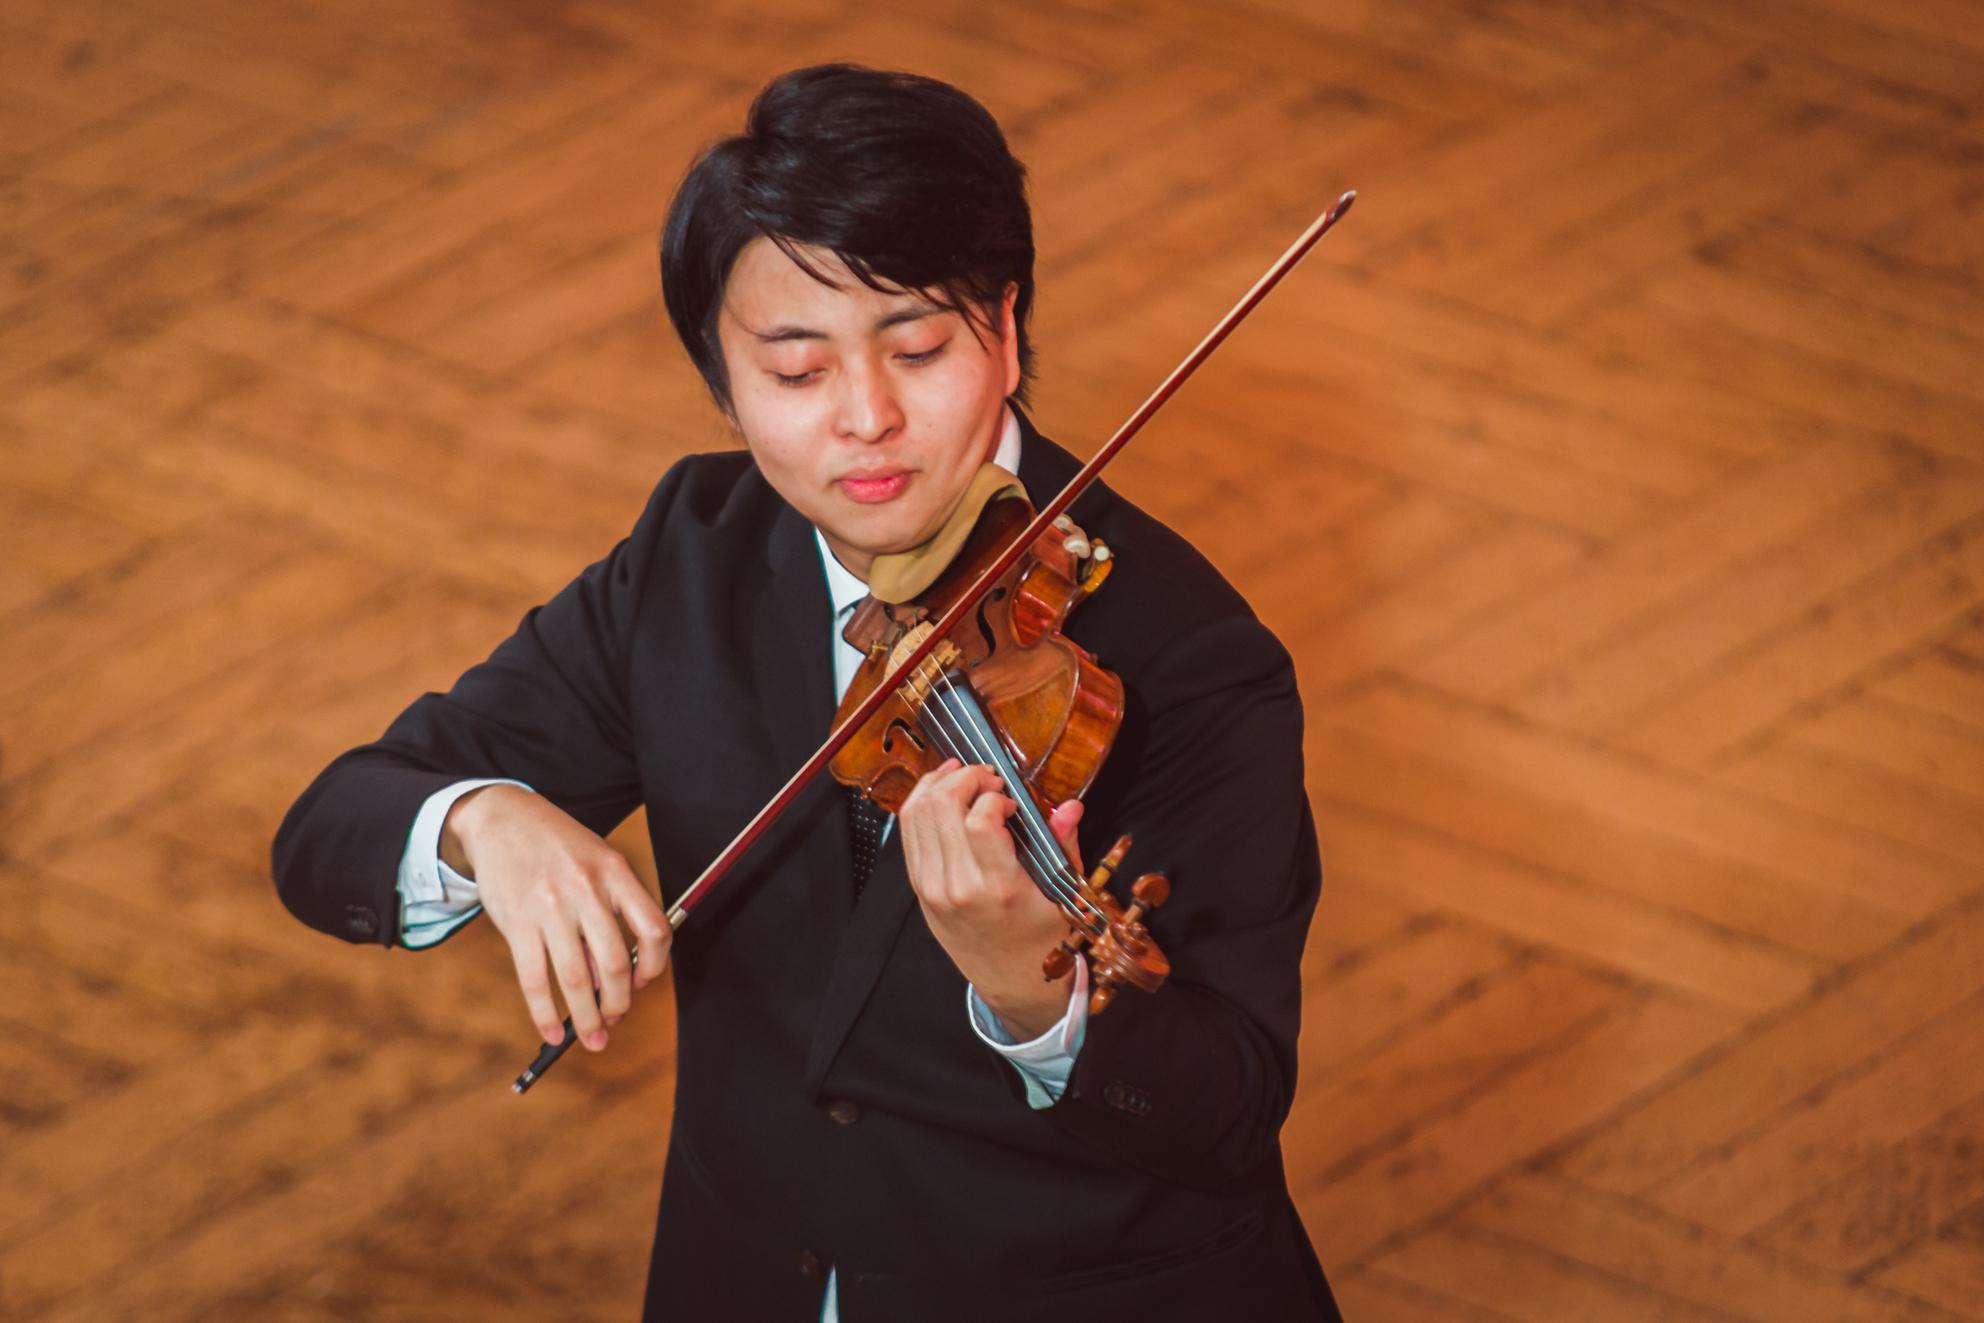 Seiji Okamoto (Japonia) - Etap 2 - 15. Międzynarodowy Konkurs Skrzypcowy im. H. Wieniawskiego STEREO